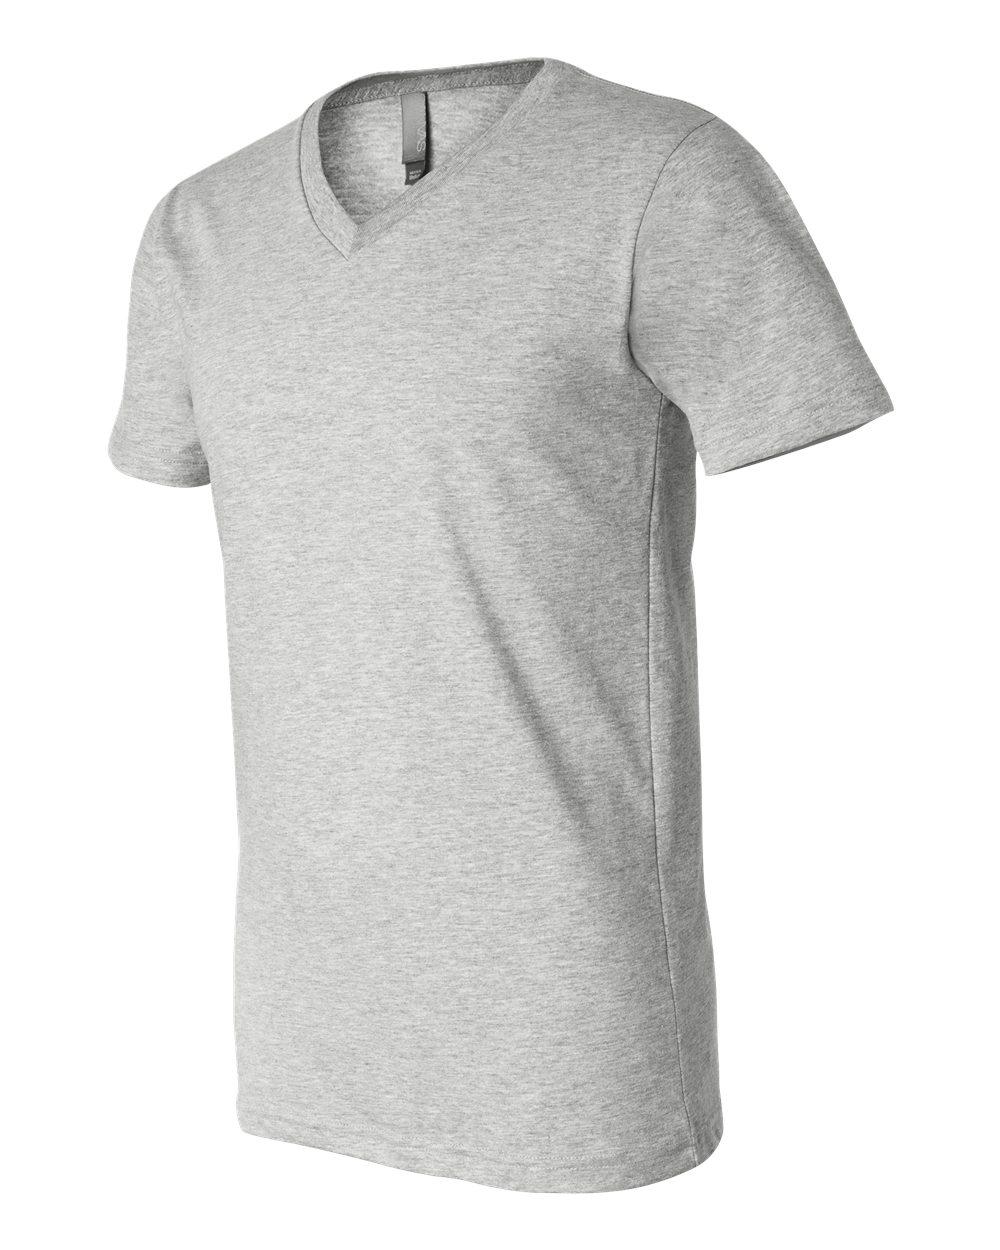 Bella-Canvas-Men-039-s-Jersey-Short-Sleeve-V-Neck-T-Shirt-3005-XS-3XL thumbnail 61